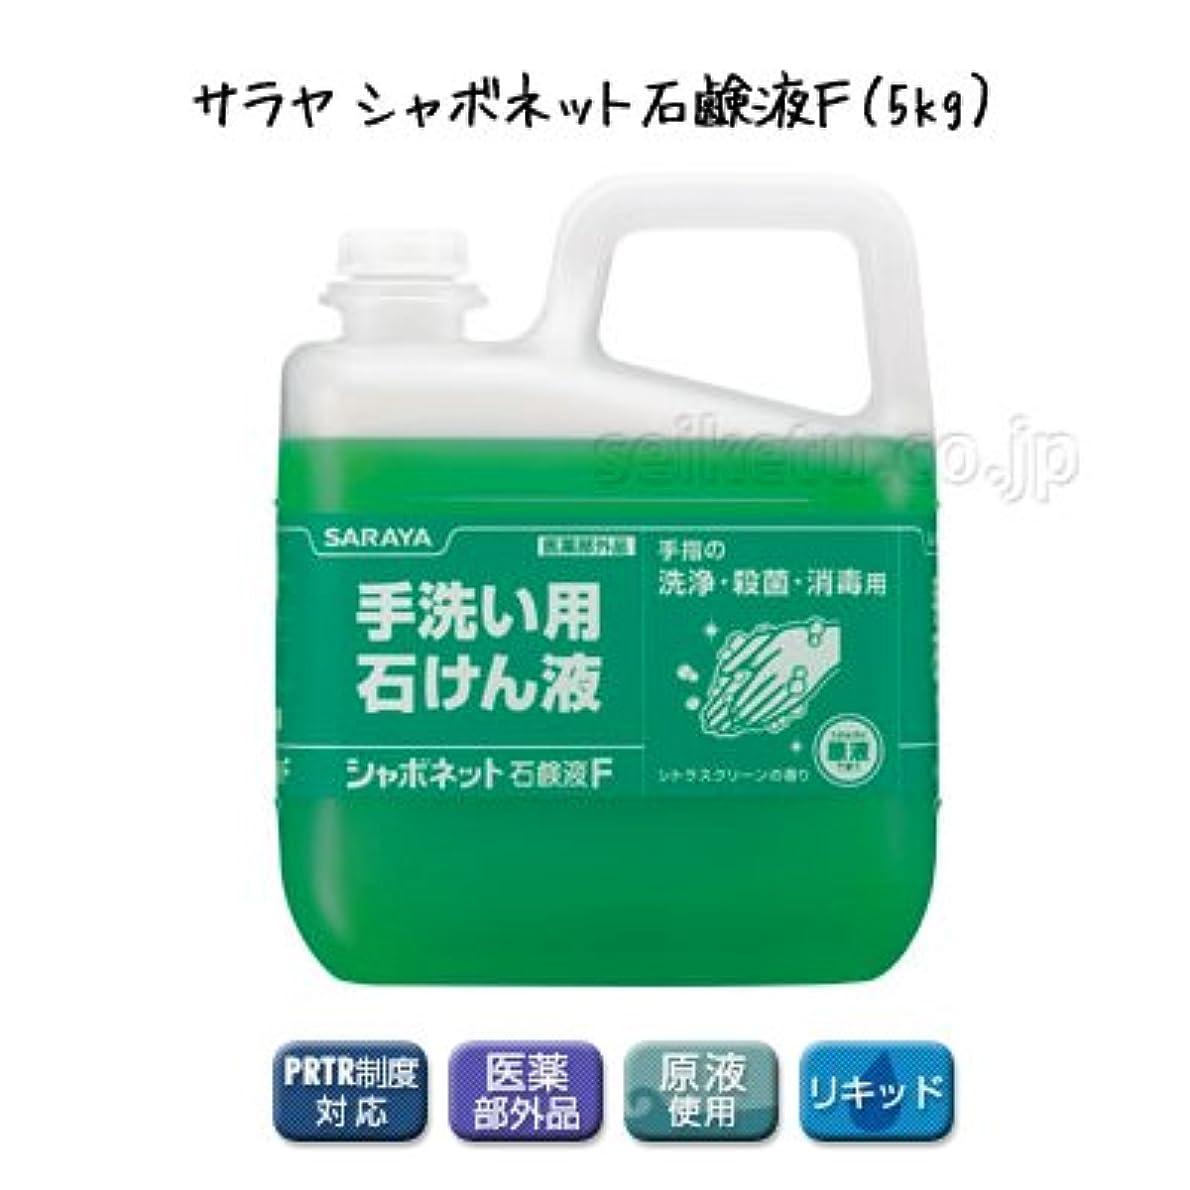 同行するハッチ寸法【清潔キレイ館】サラヤ シャボネット石鹸液F(5kg)